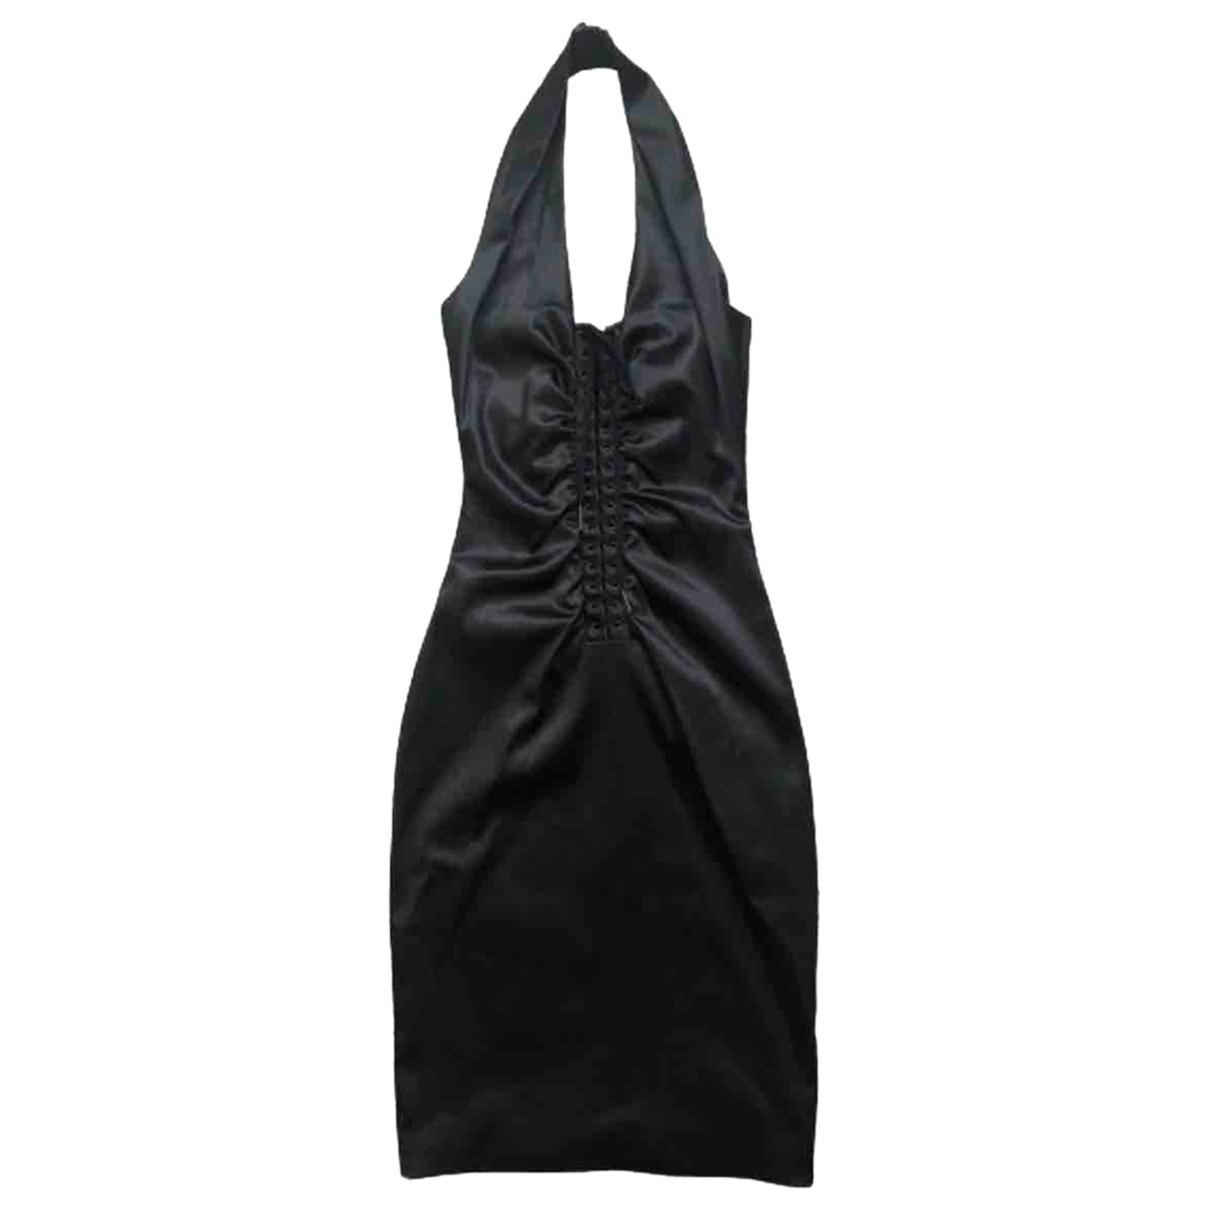 Dolce & Gabbana \N Black dress for Women 38 IT